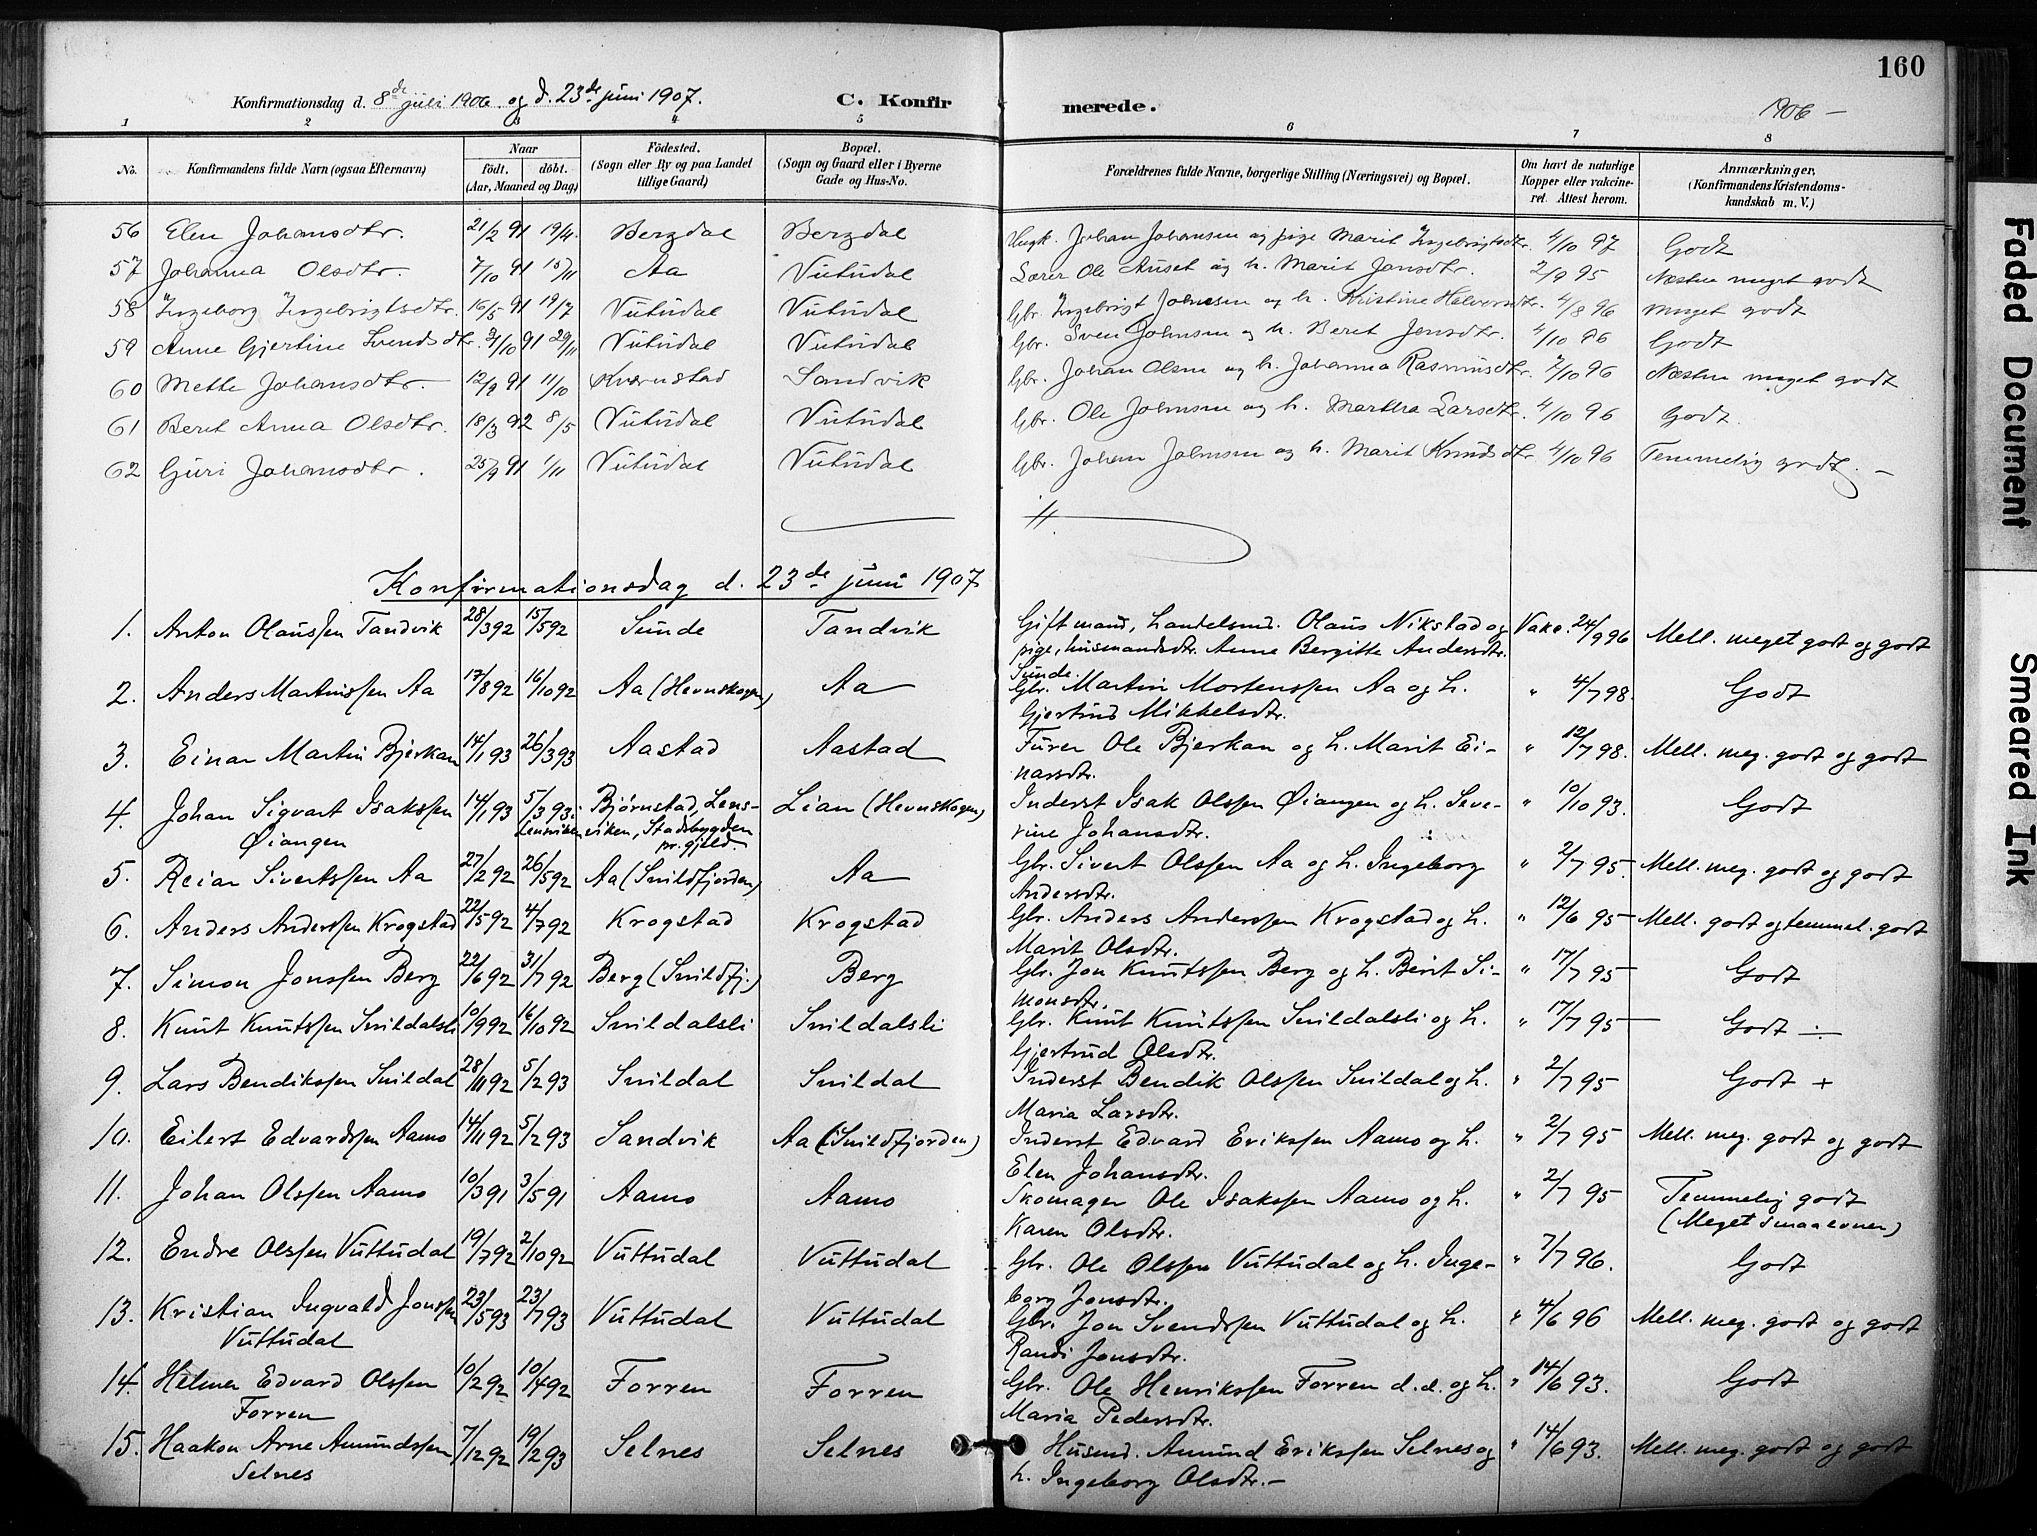 SAT, Ministerialprotokoller, klokkerbøker og fødselsregistre - Sør-Trøndelag, 630/L0497: Ministerialbok nr. 630A10, 1896-1910, s. 160